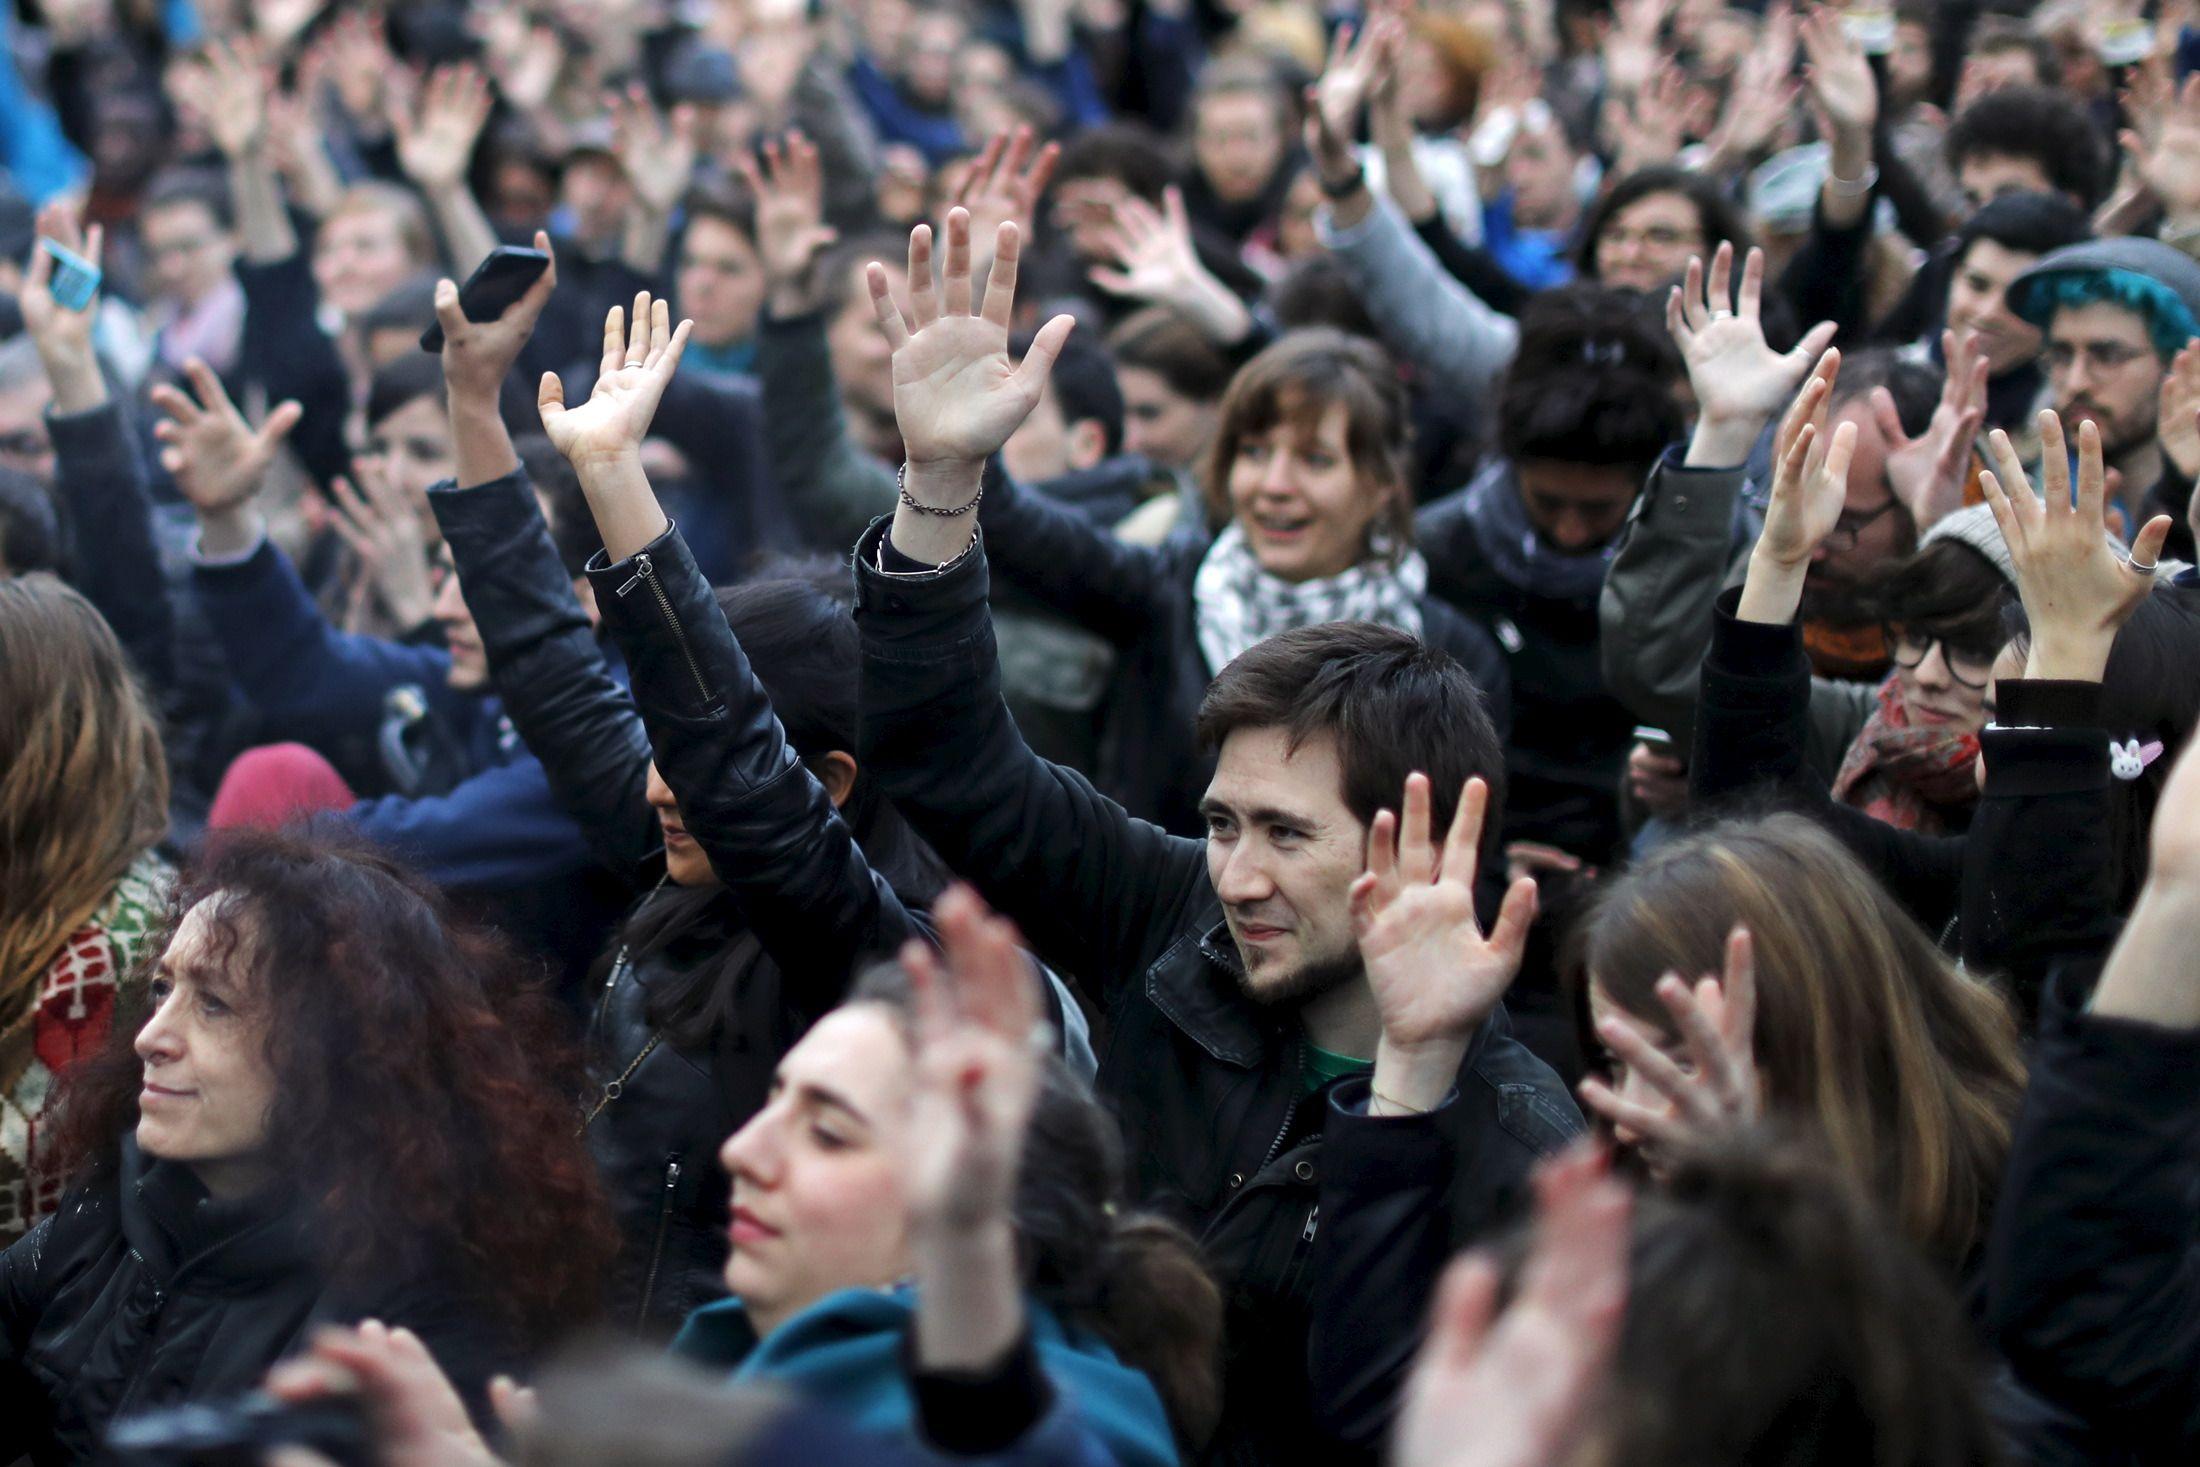 """400 à 500 millions d'euros pour les jeunes, et après ? Pourquoi ce énième plan """"rustine"""" sera sans effets sur les problèmes réels auxquels la France devrait (enfin) s'attaquer"""